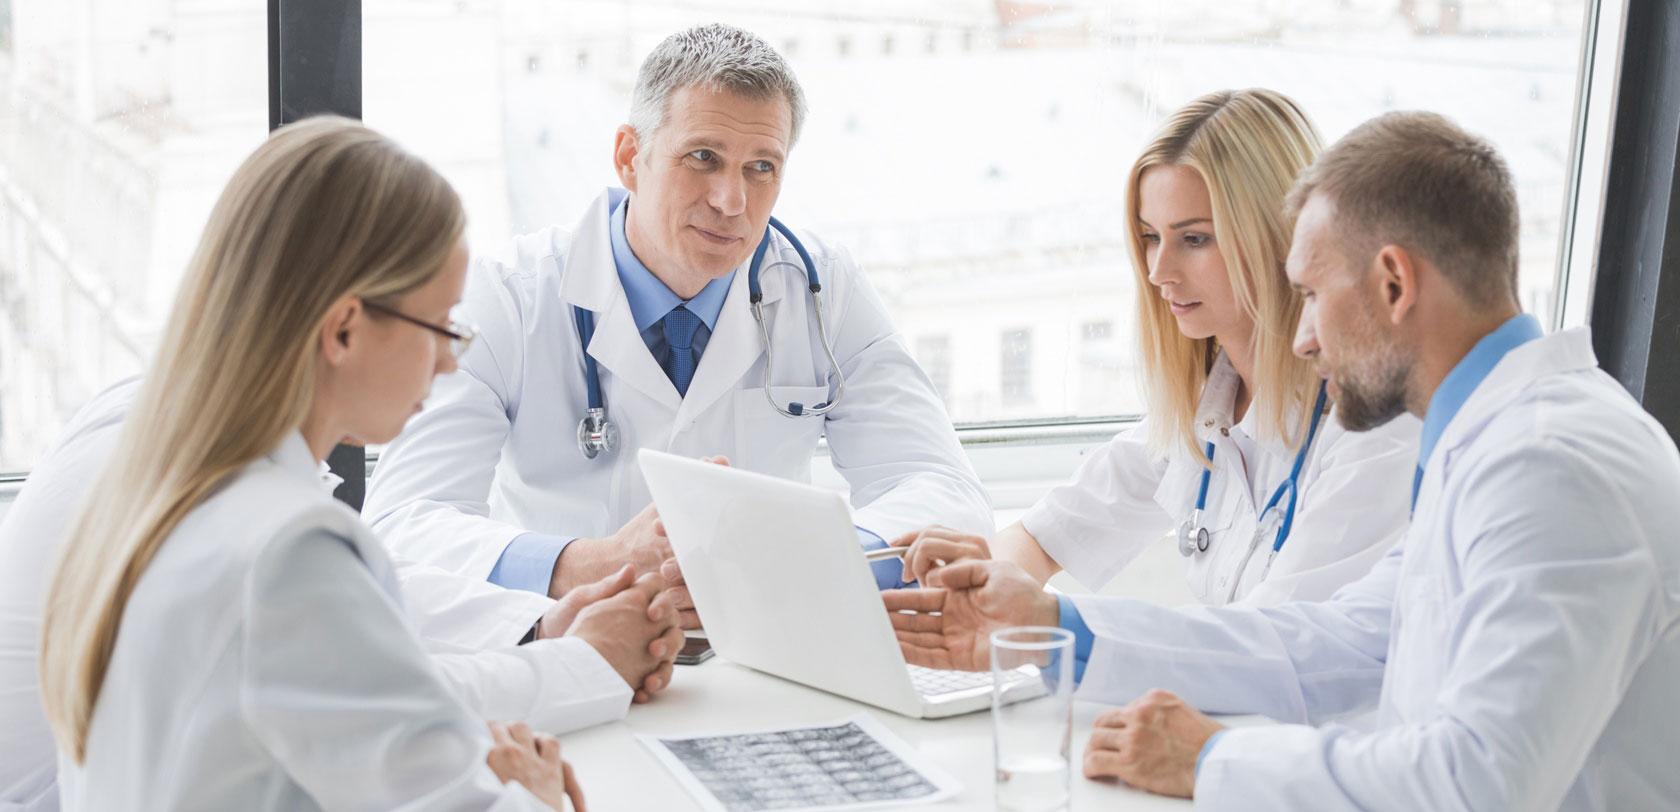 Anstellung von Ärzten in Ordinationen und Gruppenpraxen nunmehr möglich